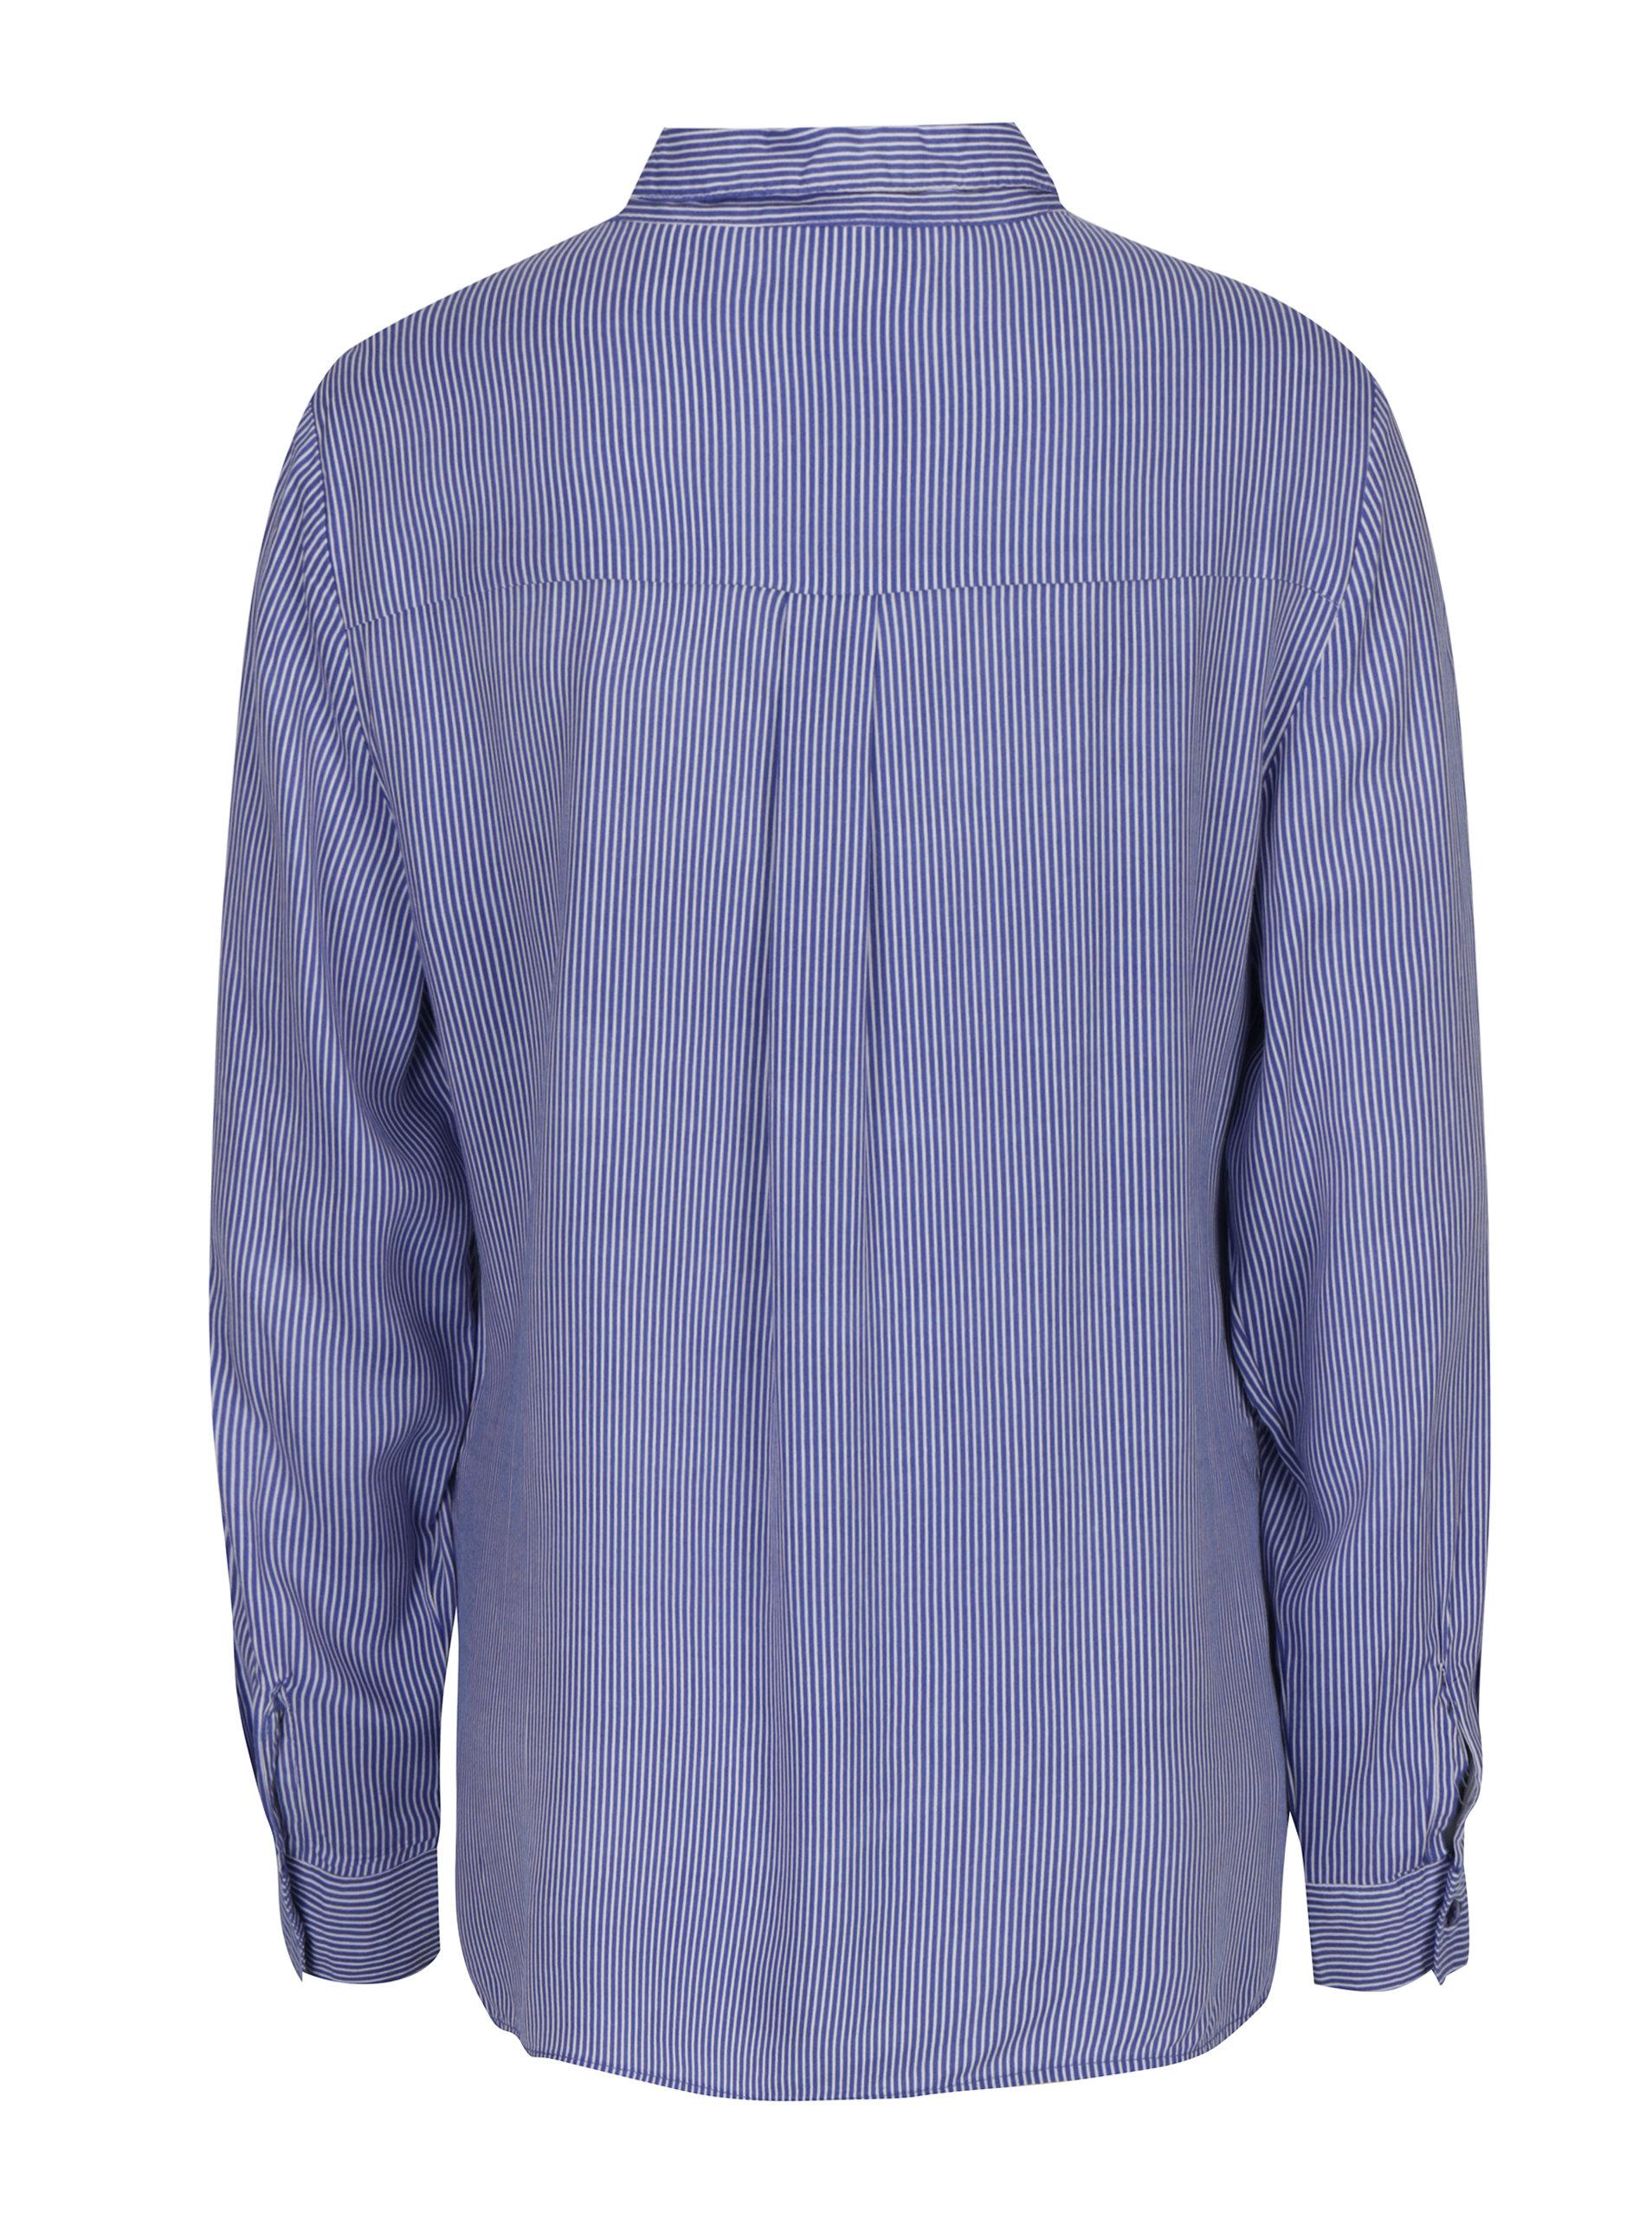 3254bd7cd4d Bílo-modrá dámská pruhovaná košile s výšivkou květin M Co ...